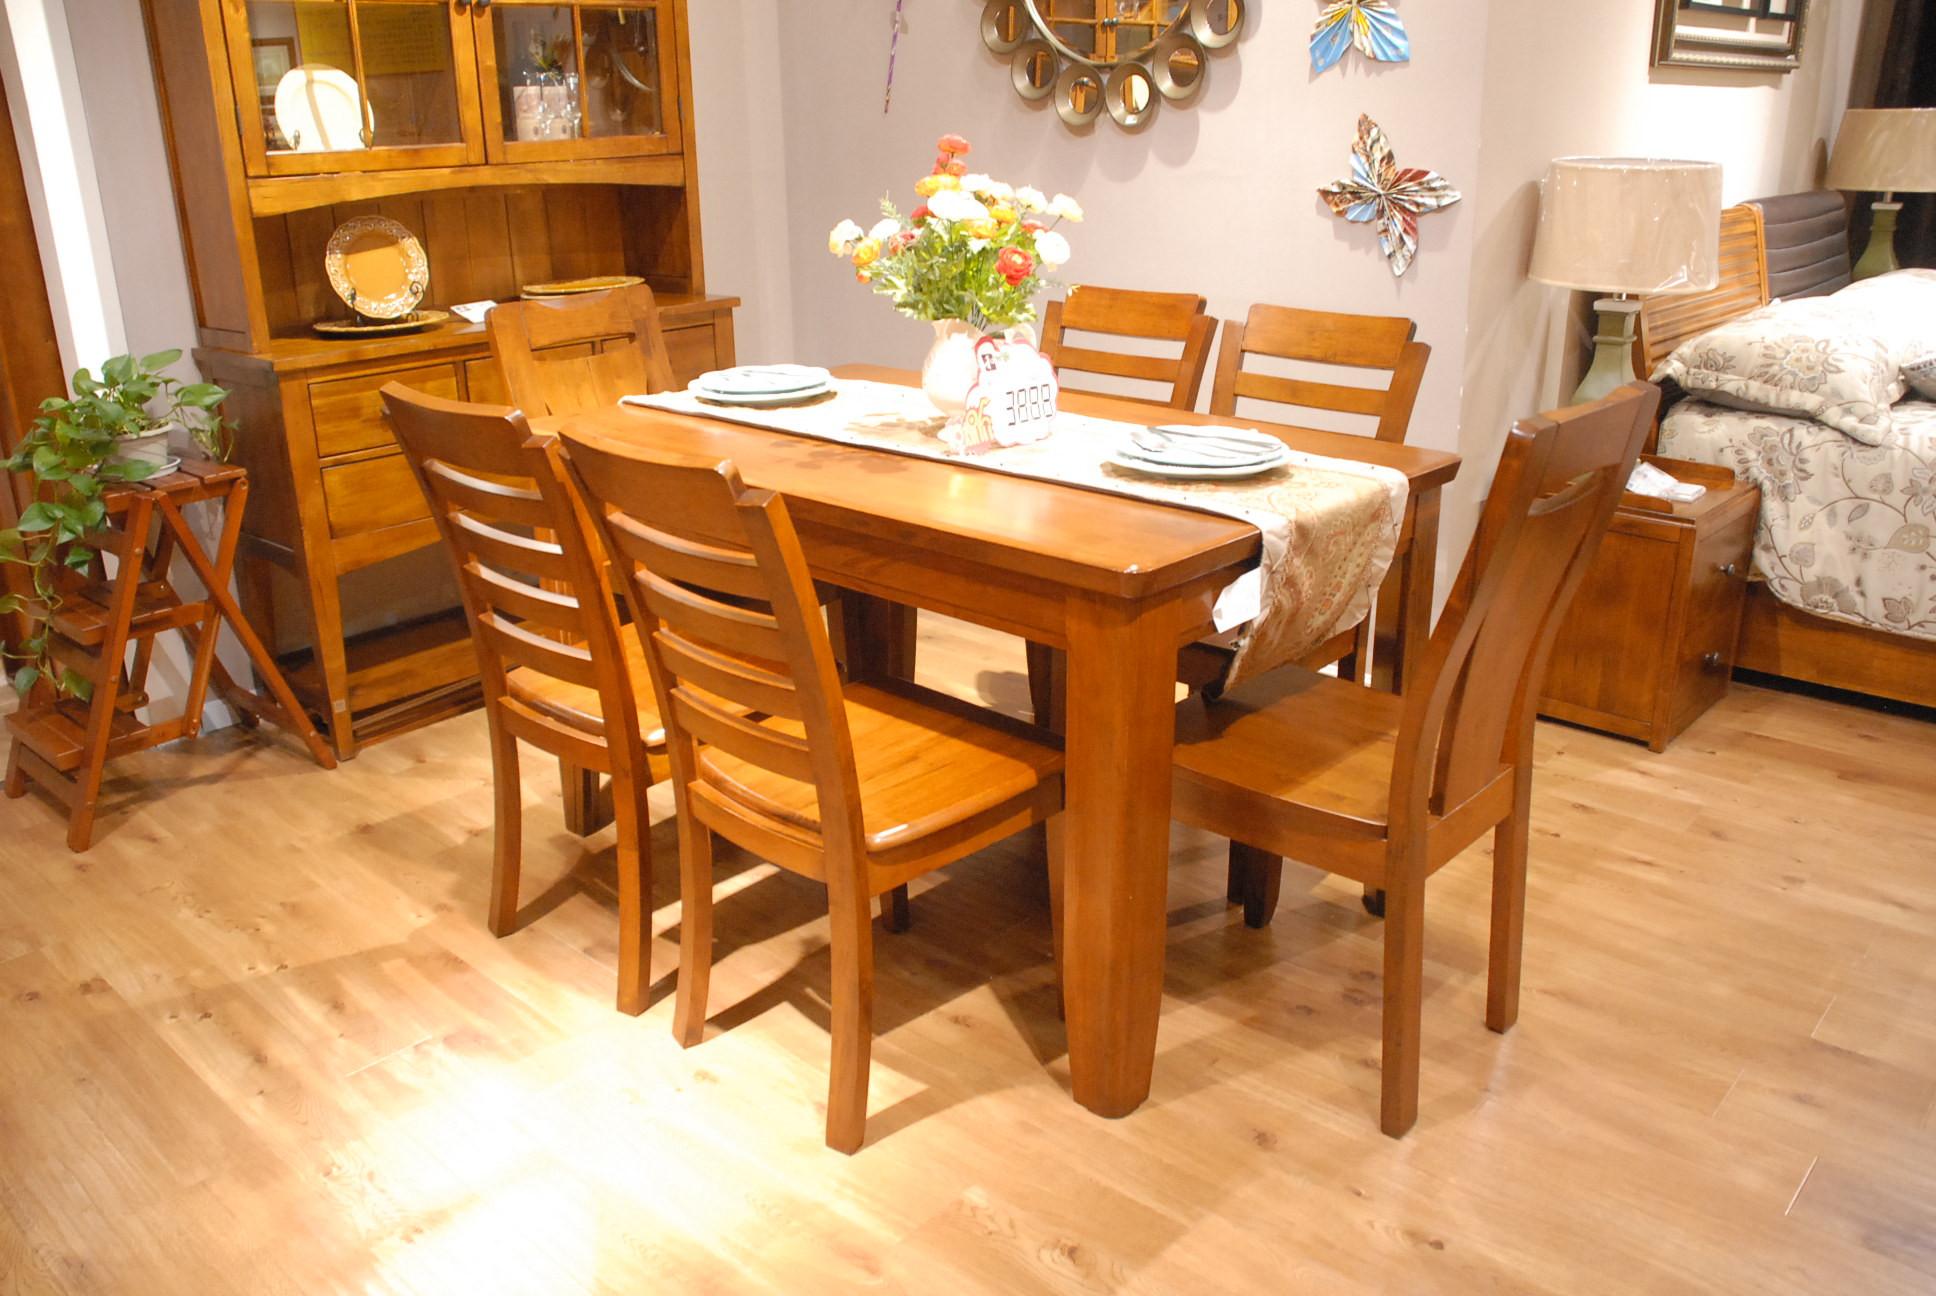 光彩夜宴家具盛惠  和木居137实木餐台+6椅